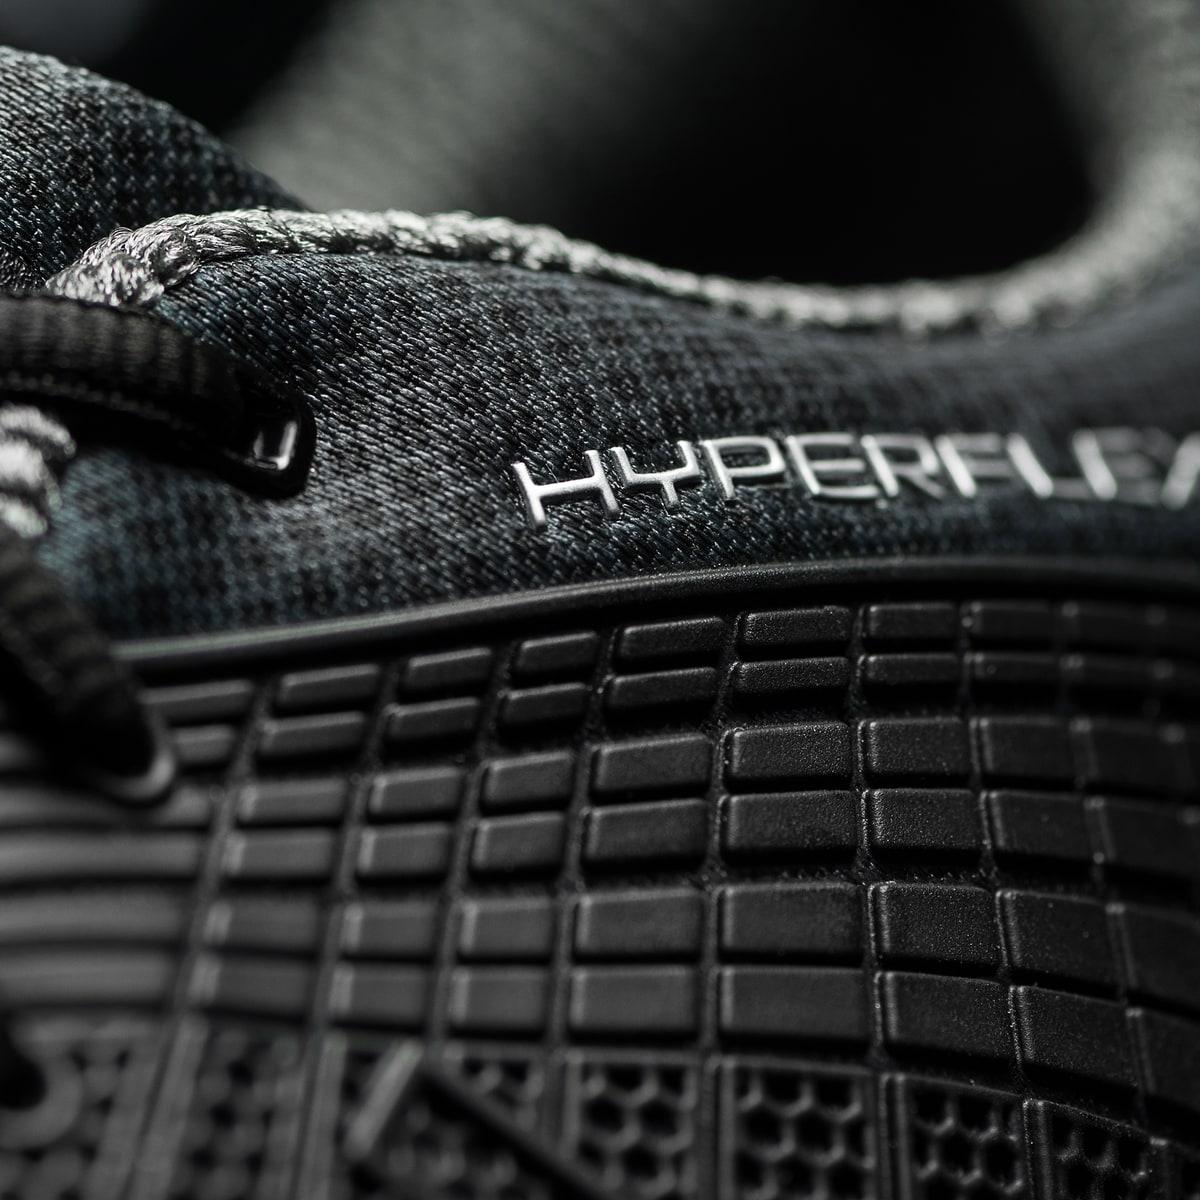 HYPERFLEX II